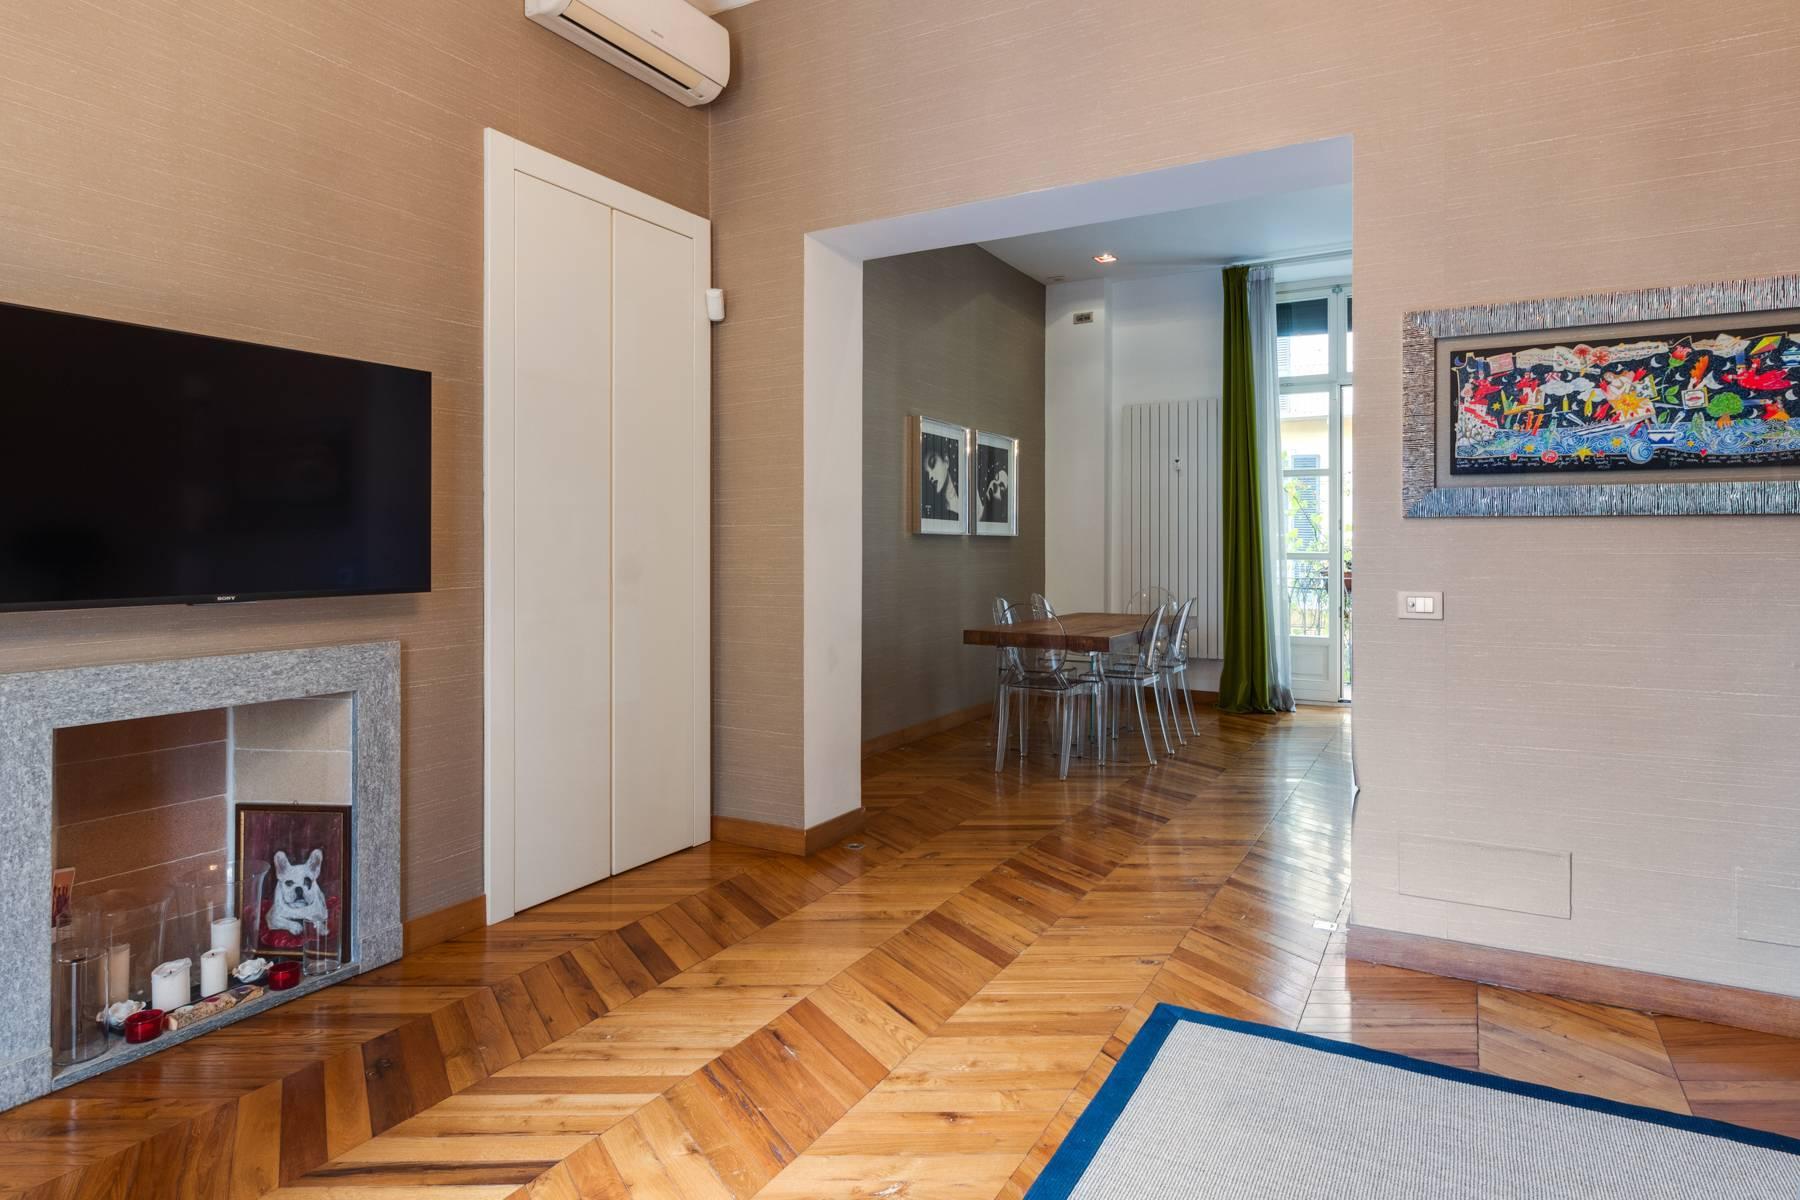 Affascinante appartamento nel cuore del quartiere Cit Turin - 7